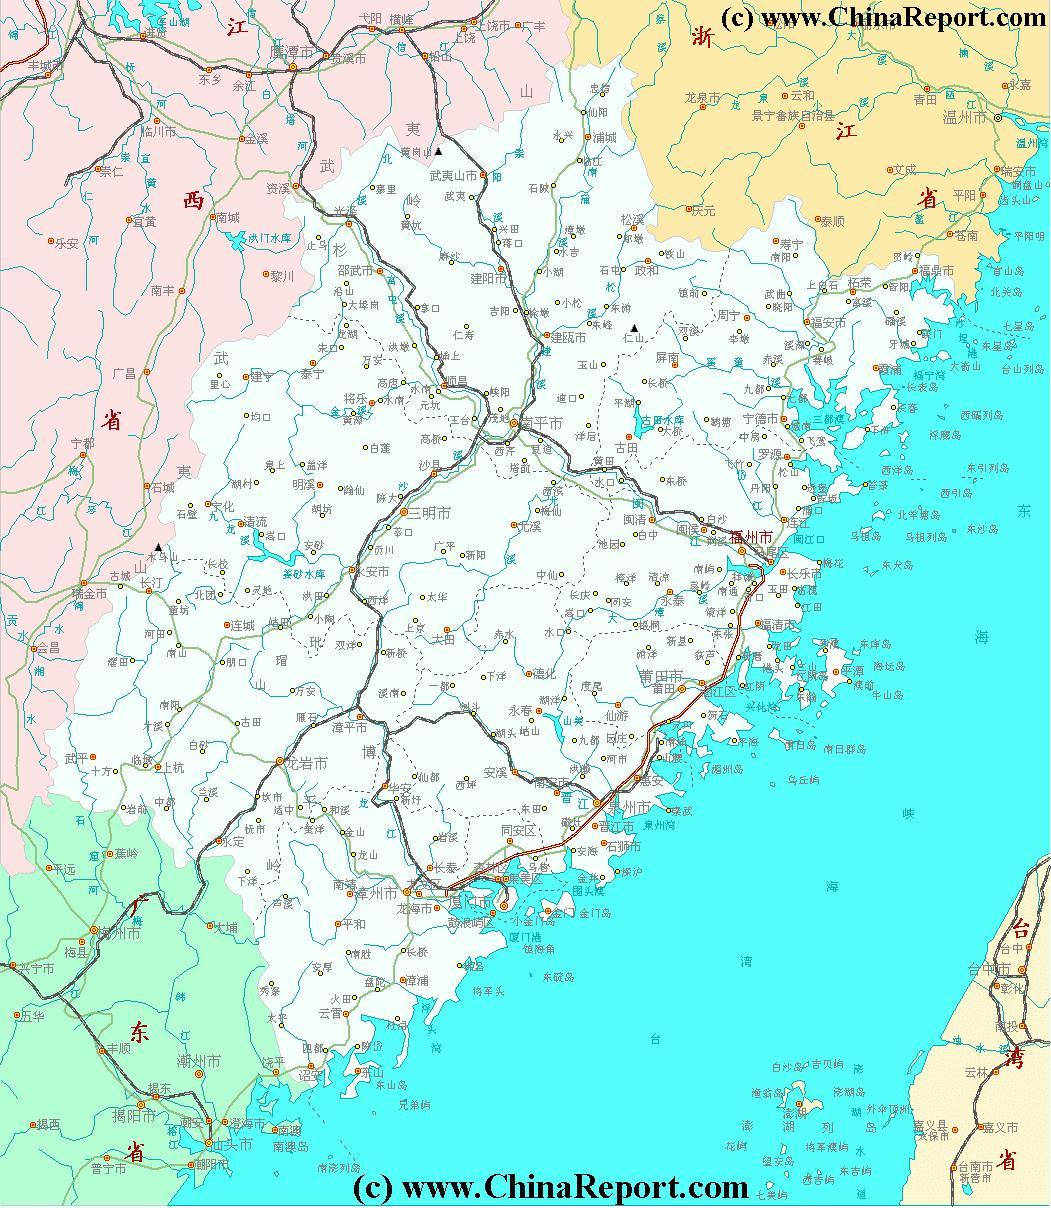 Fujian Province, China - Fujian Map 2A Schematic, by ChinaReport.com